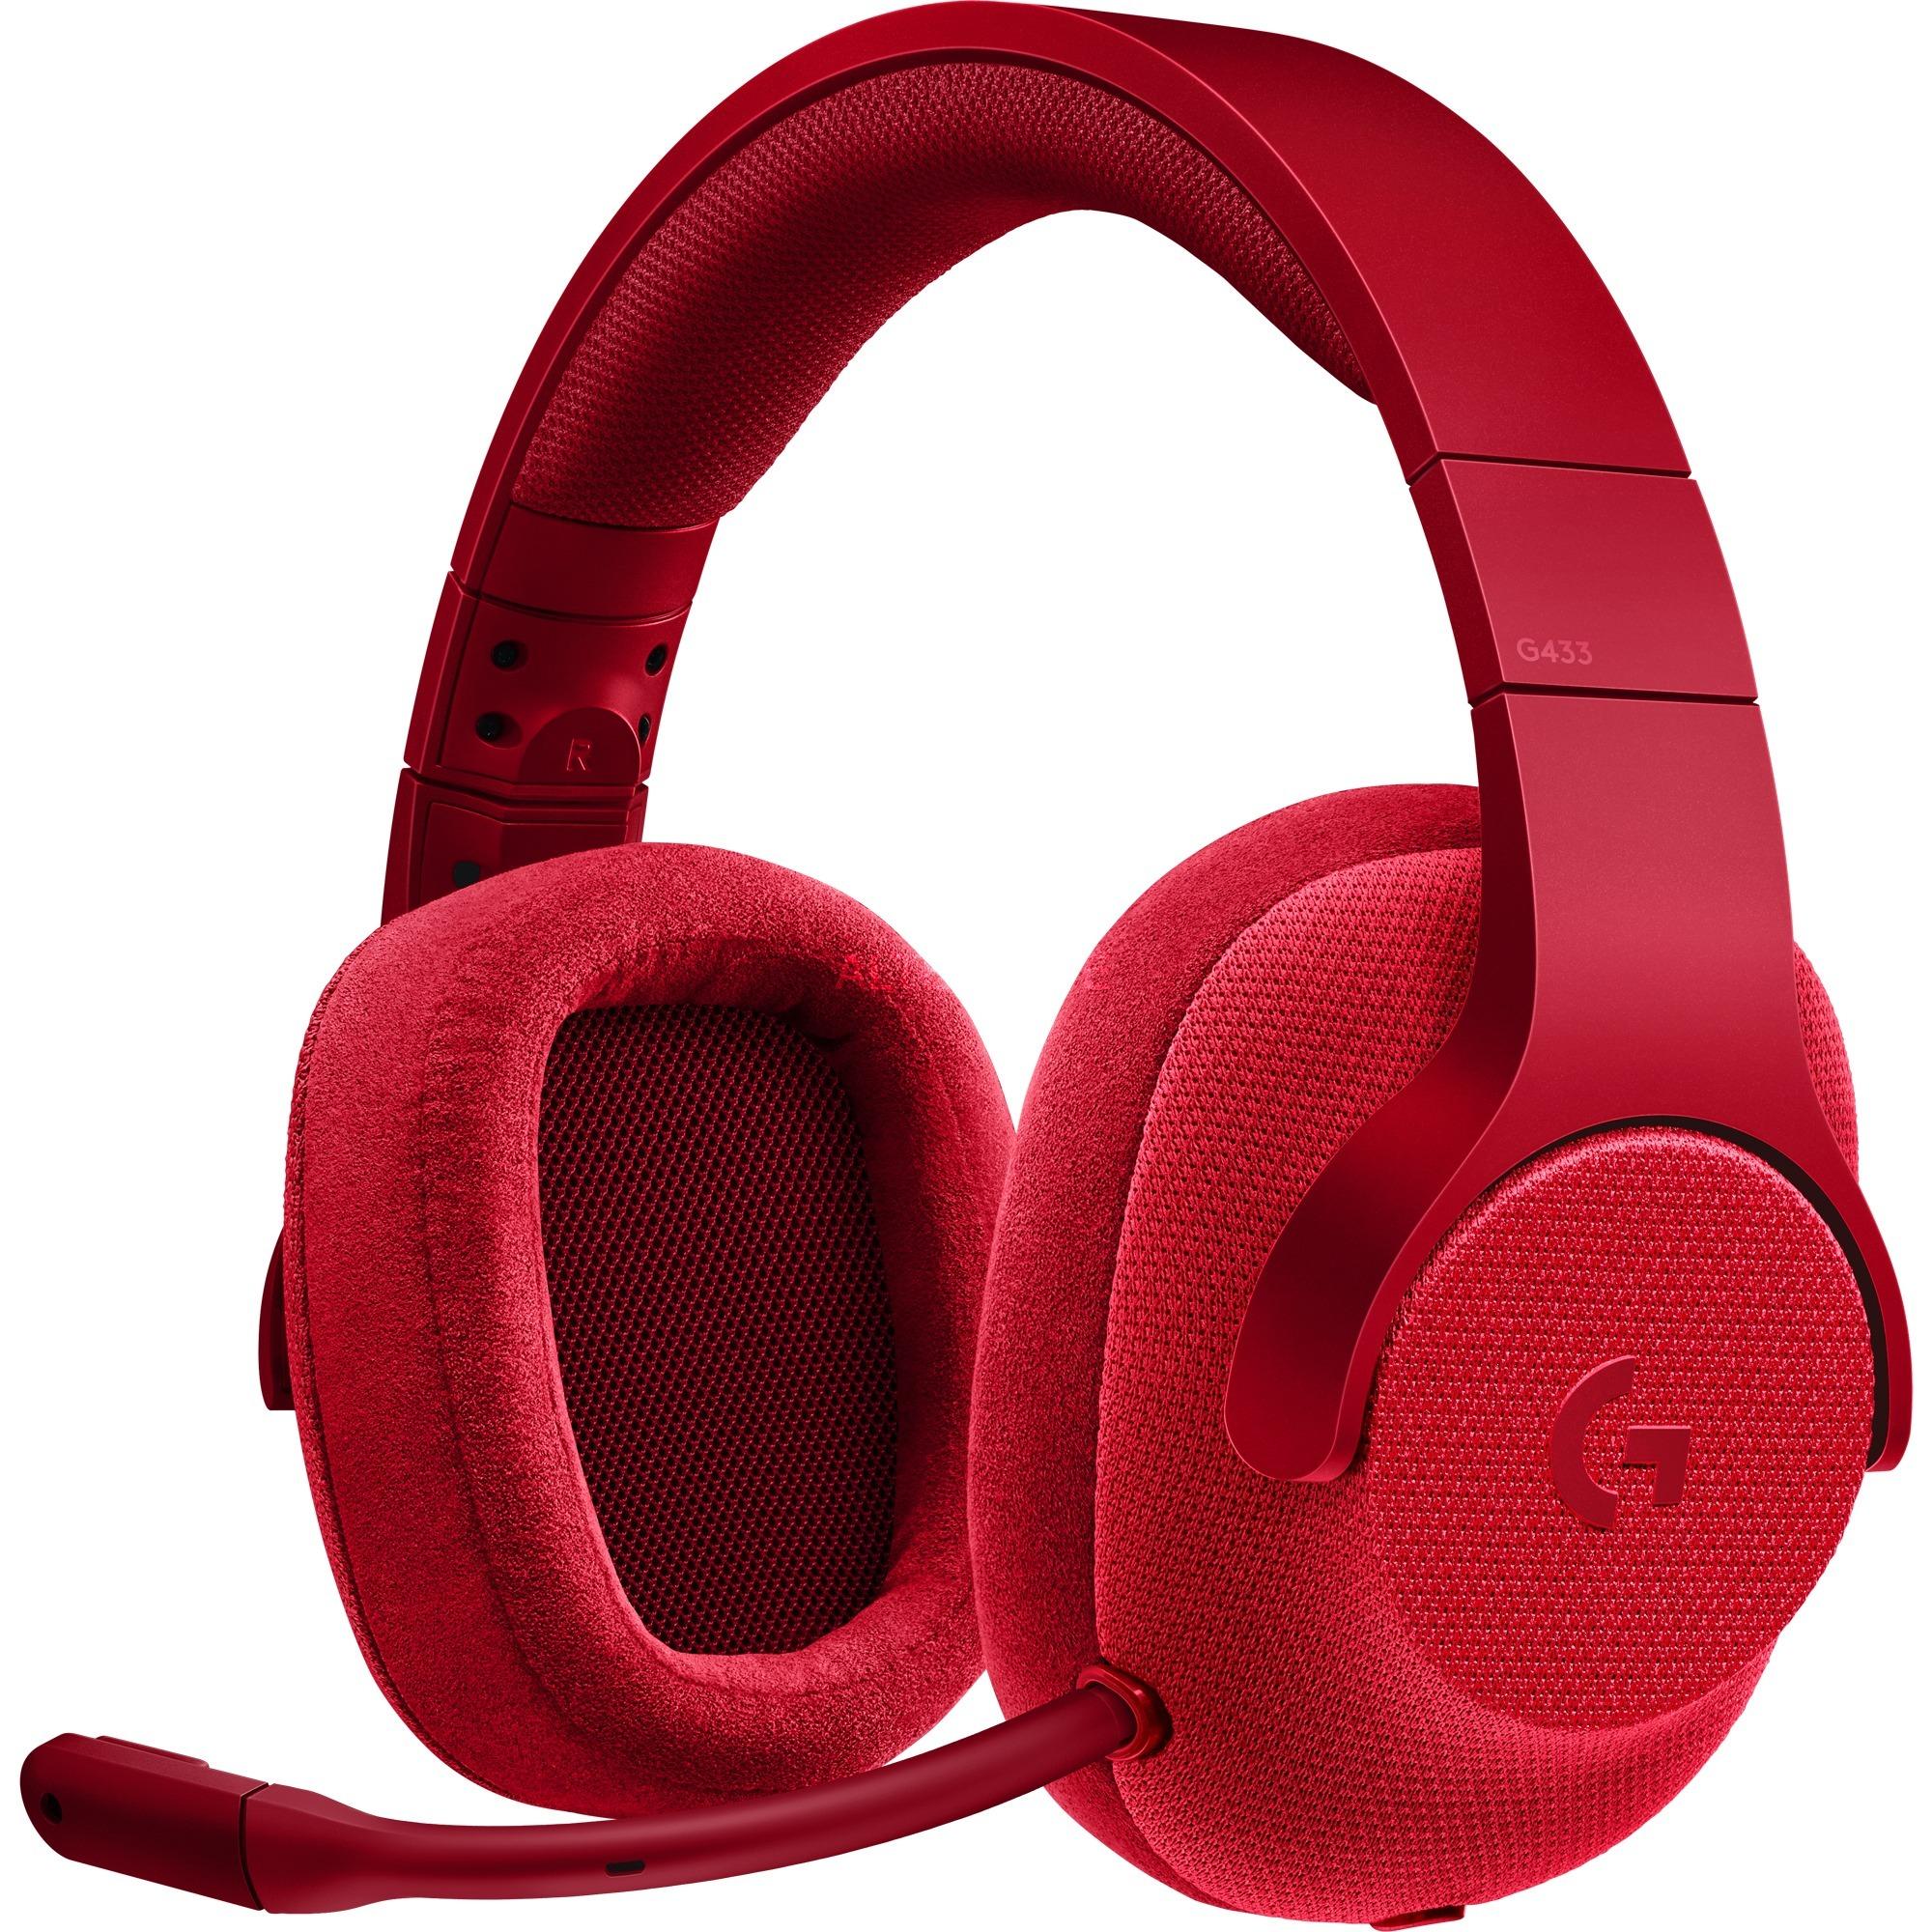 G433 Binaural Bandeau Rouge Casque audio, Casque d'écoute